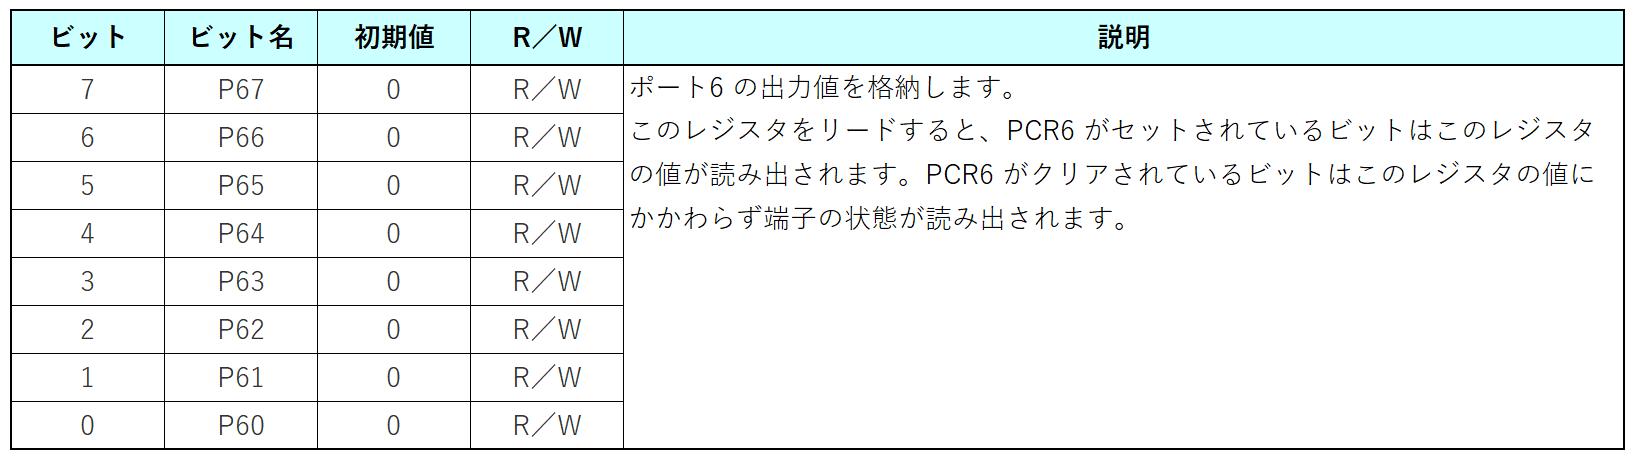 ポートデータレジスタ